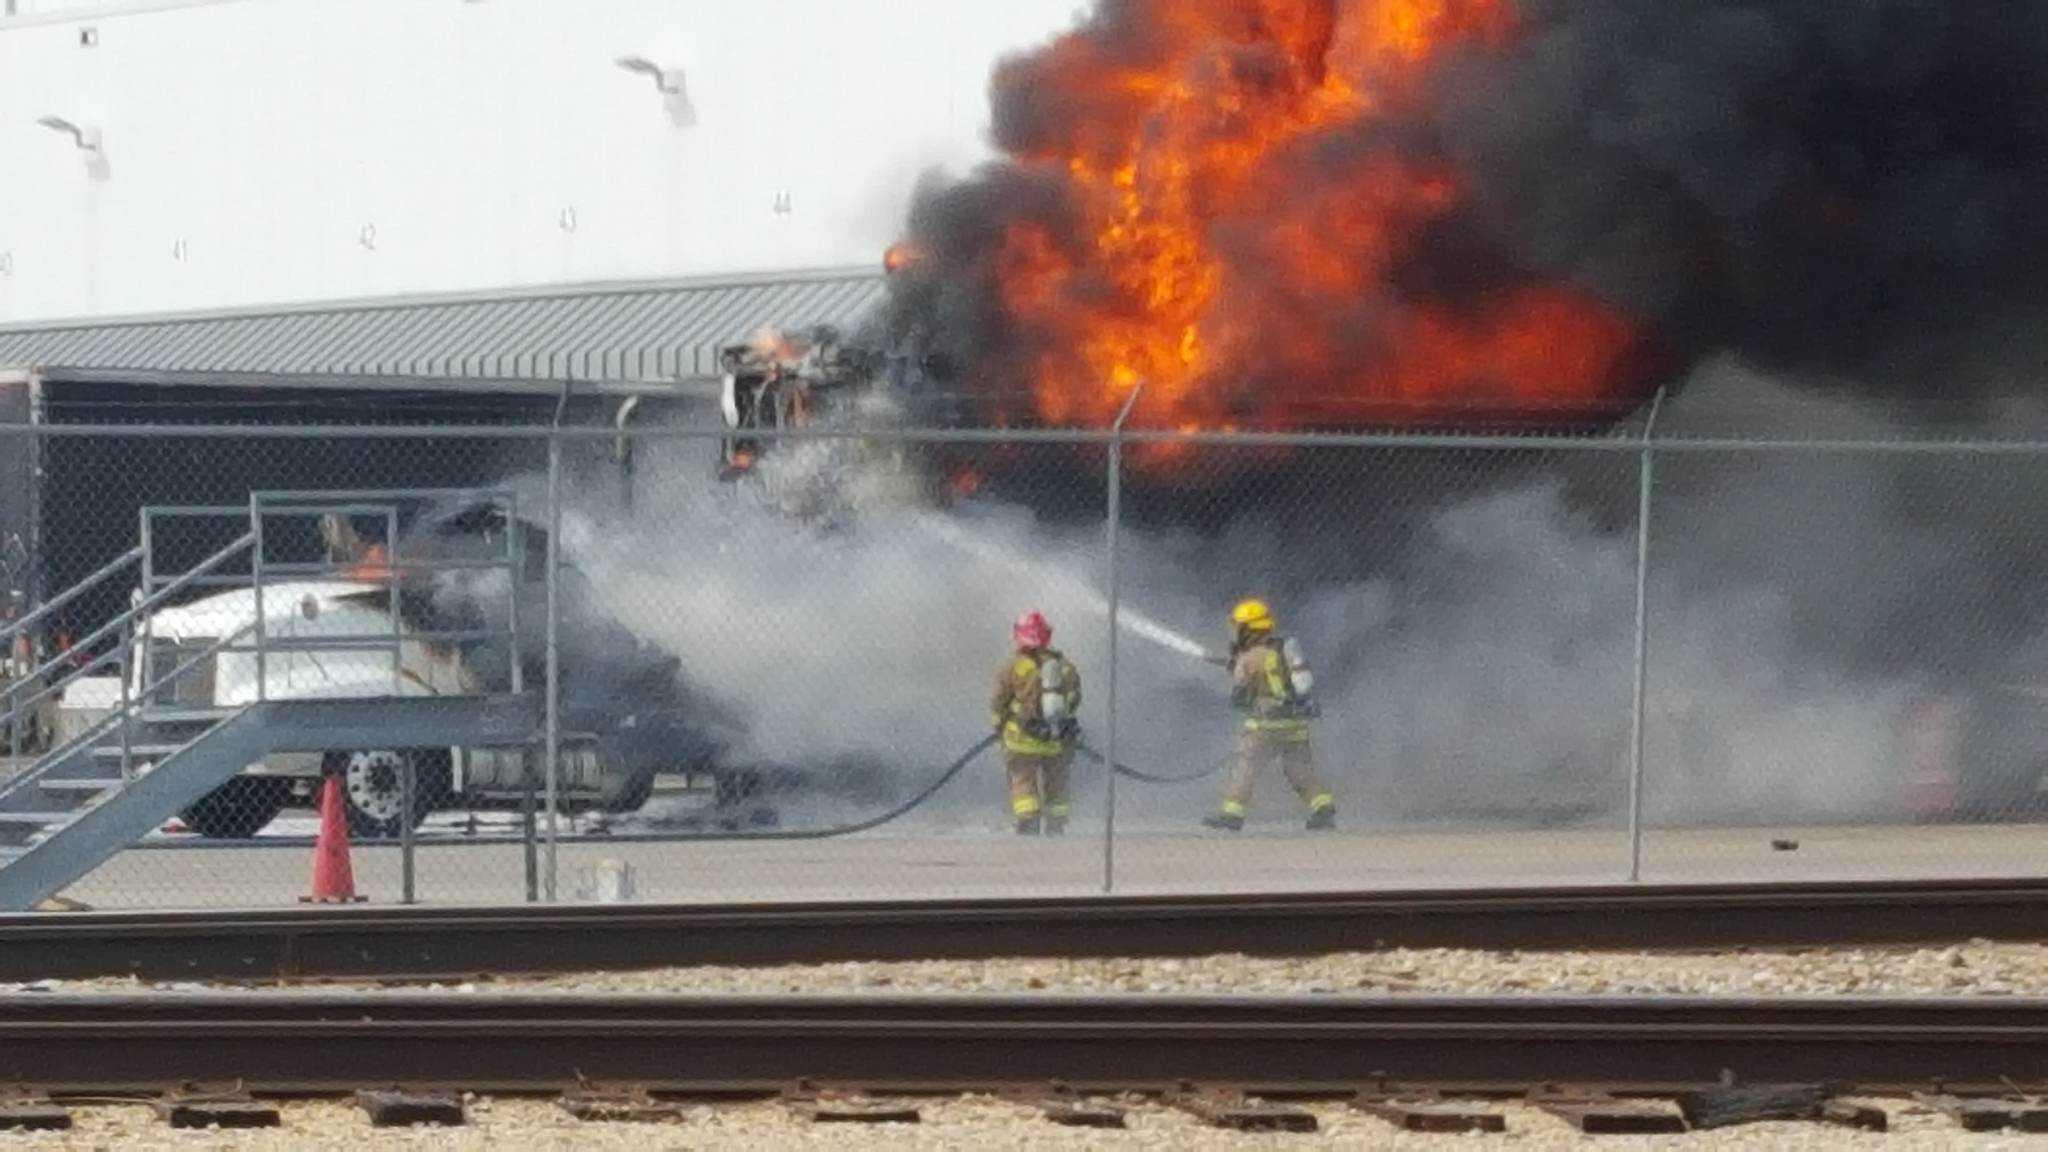 Fire in Springdale